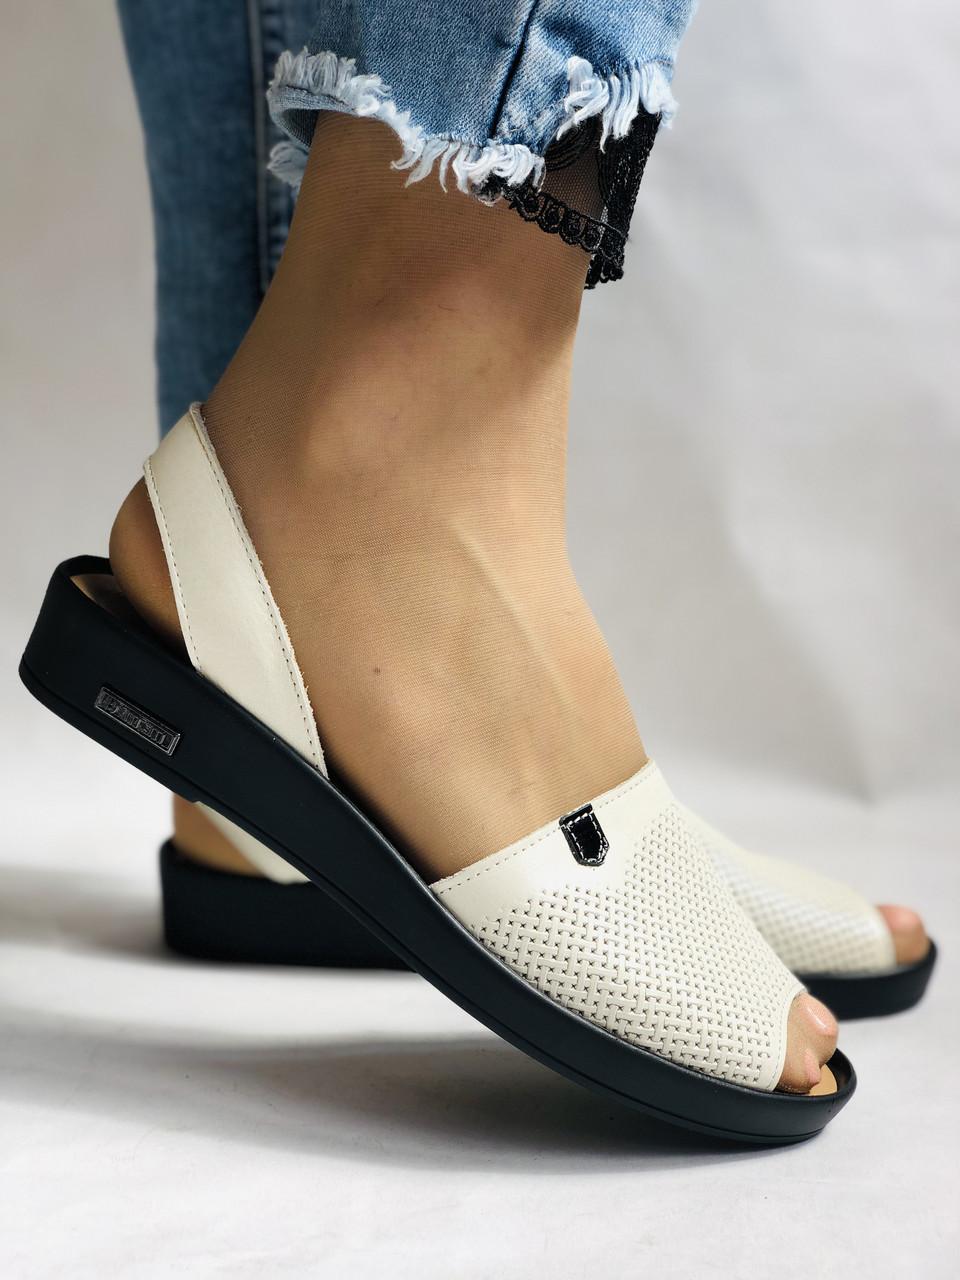 Модні босоніжки, білі на низькій платформі.Натуральна шкіра. Магазин .38.40 Vellena